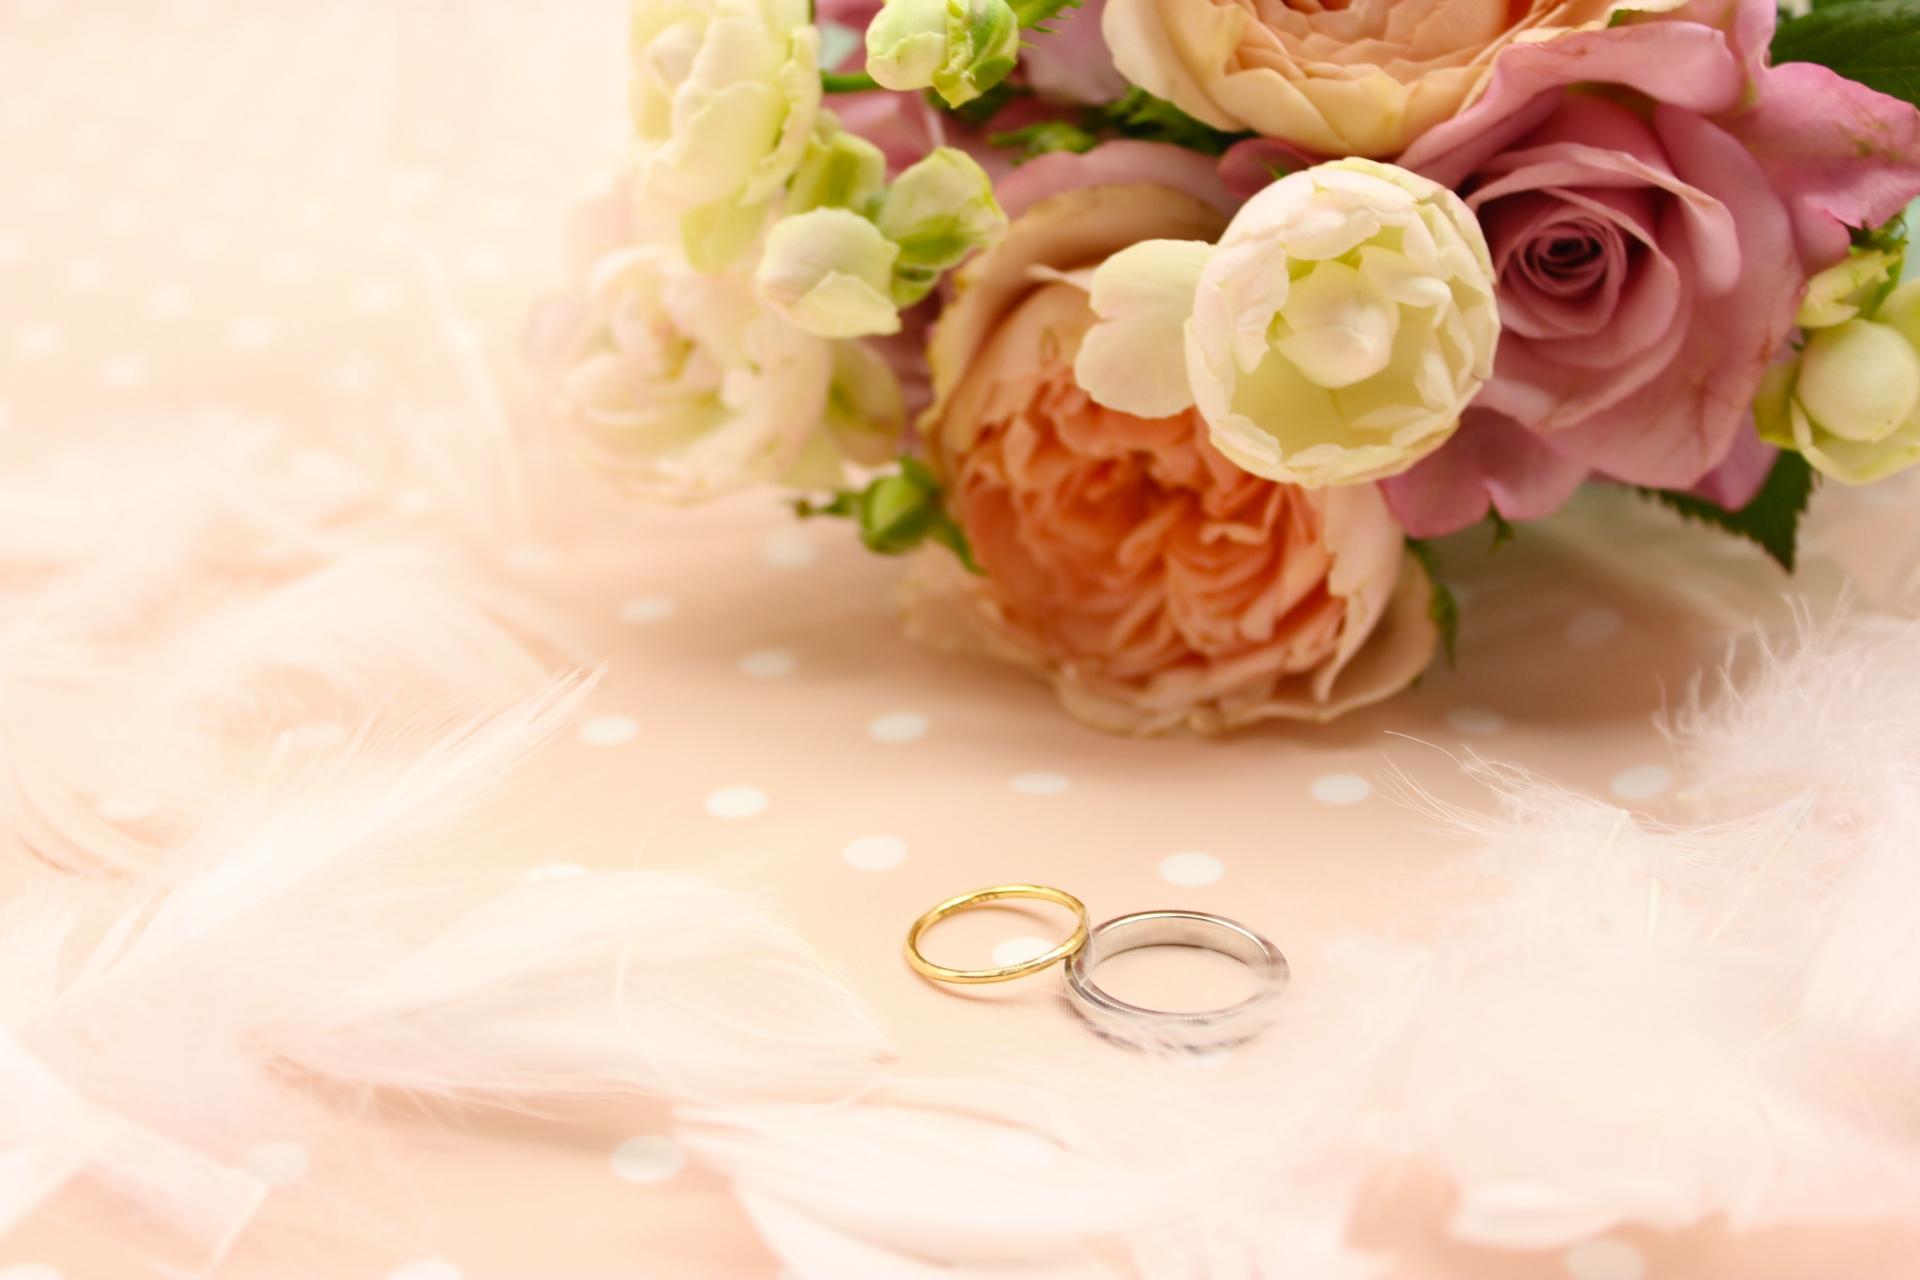 公務員の方と結婚することのメリットとデメリットについて